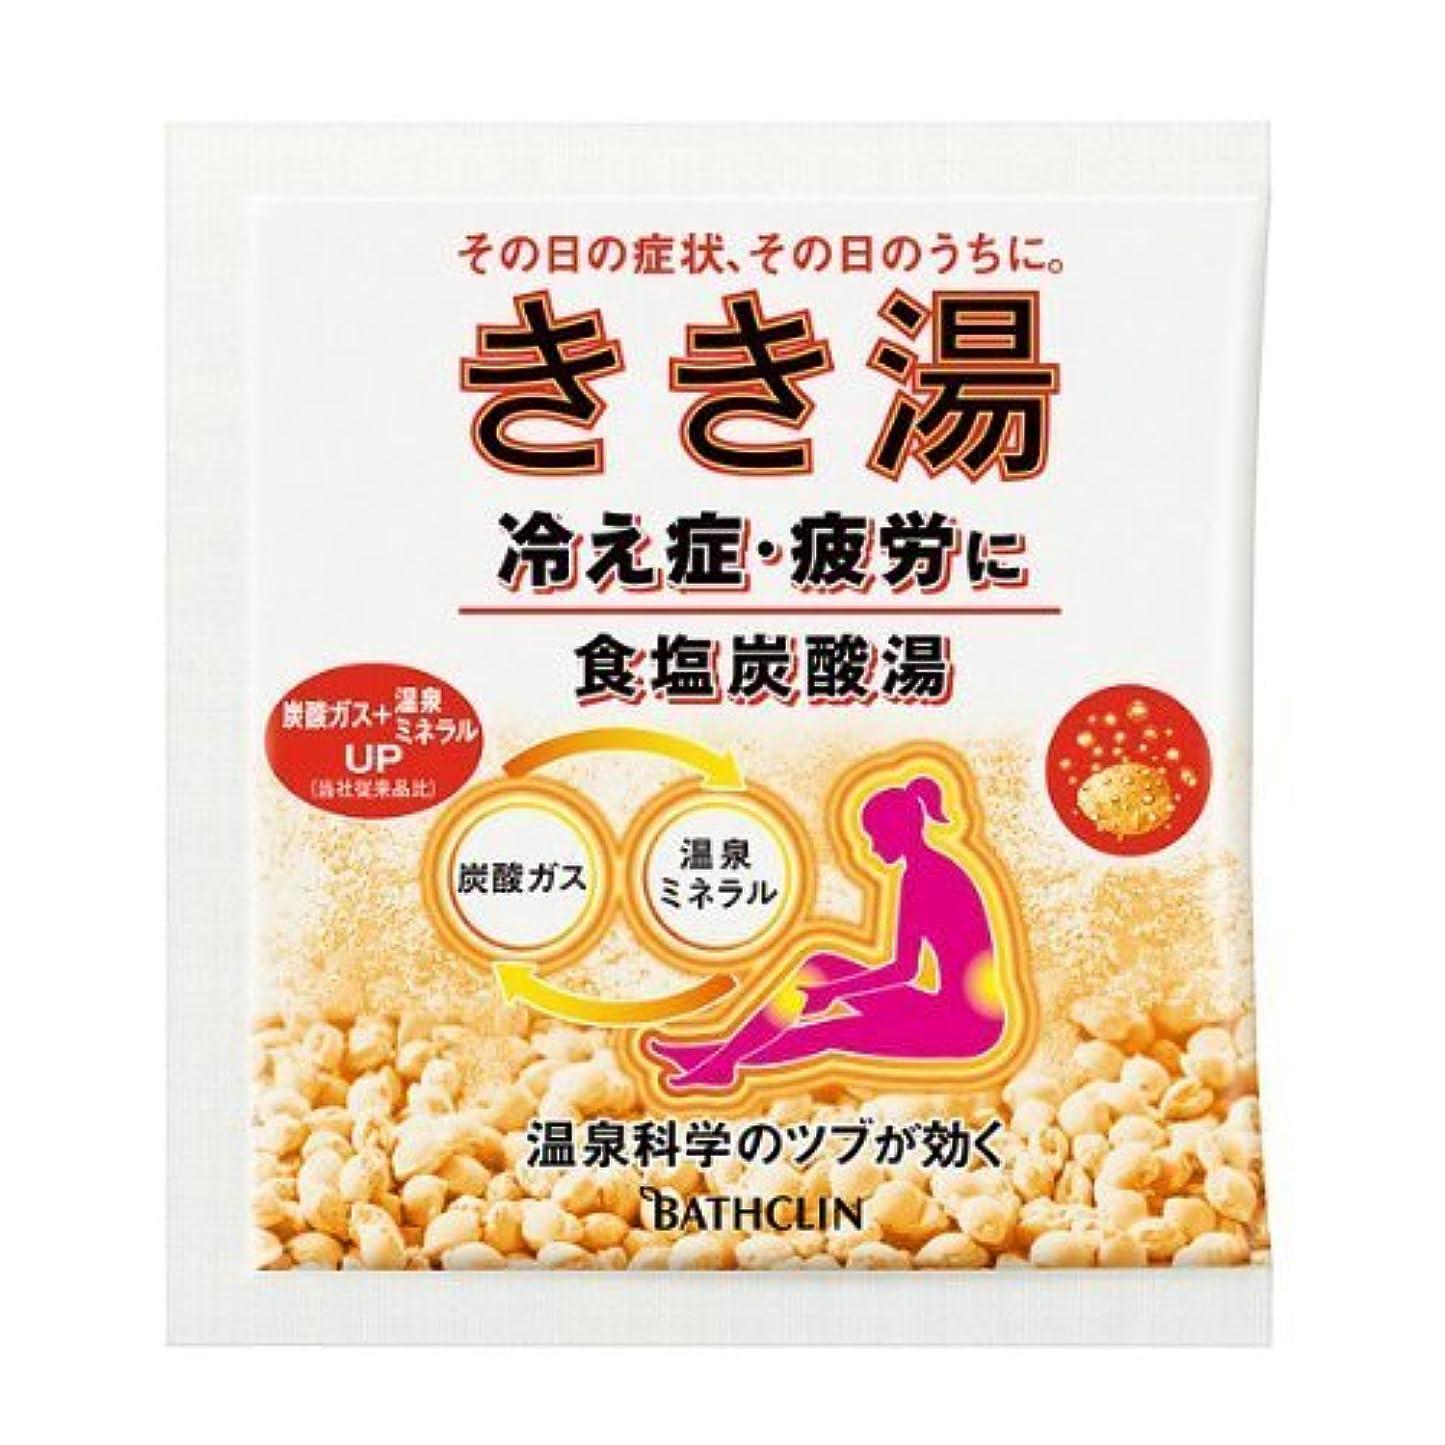 有効なフロントミネラルバスクリン きき湯 食塩炭酸湯 30g 【医薬部外品】 4548514136649